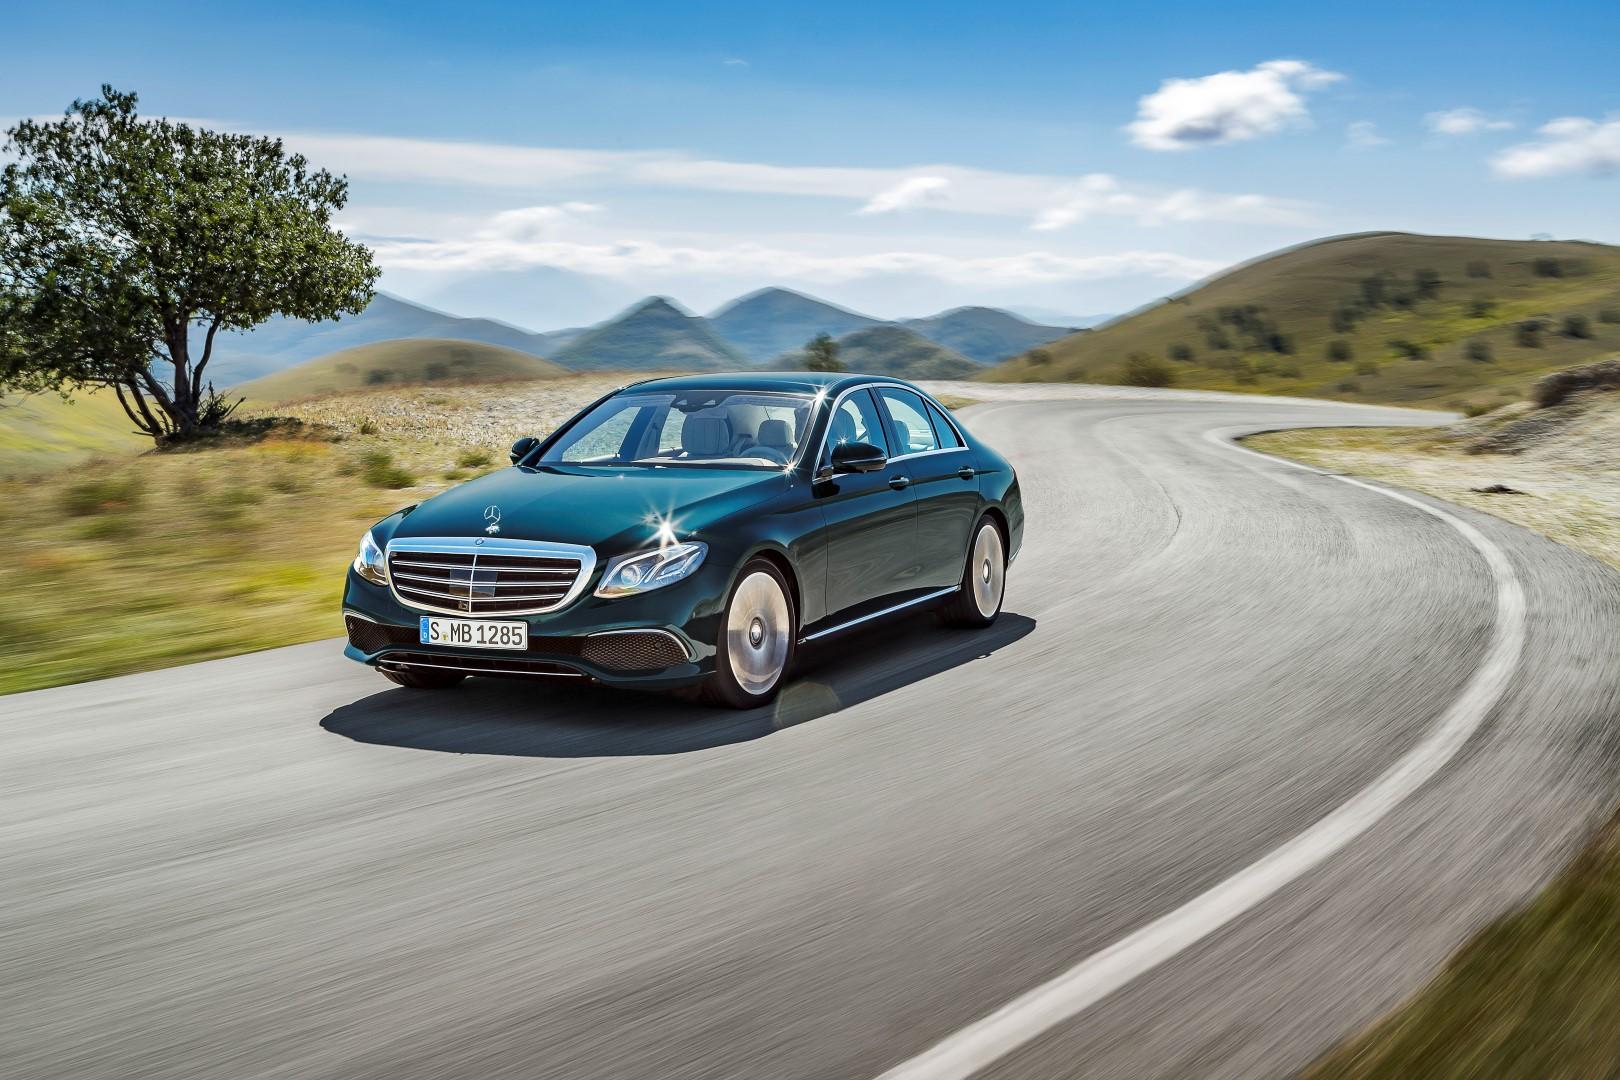 Mercedes-Benz E-Serisi 1.6 lt benzinli ve 9G-Tronic Seçeneği ile Satışta